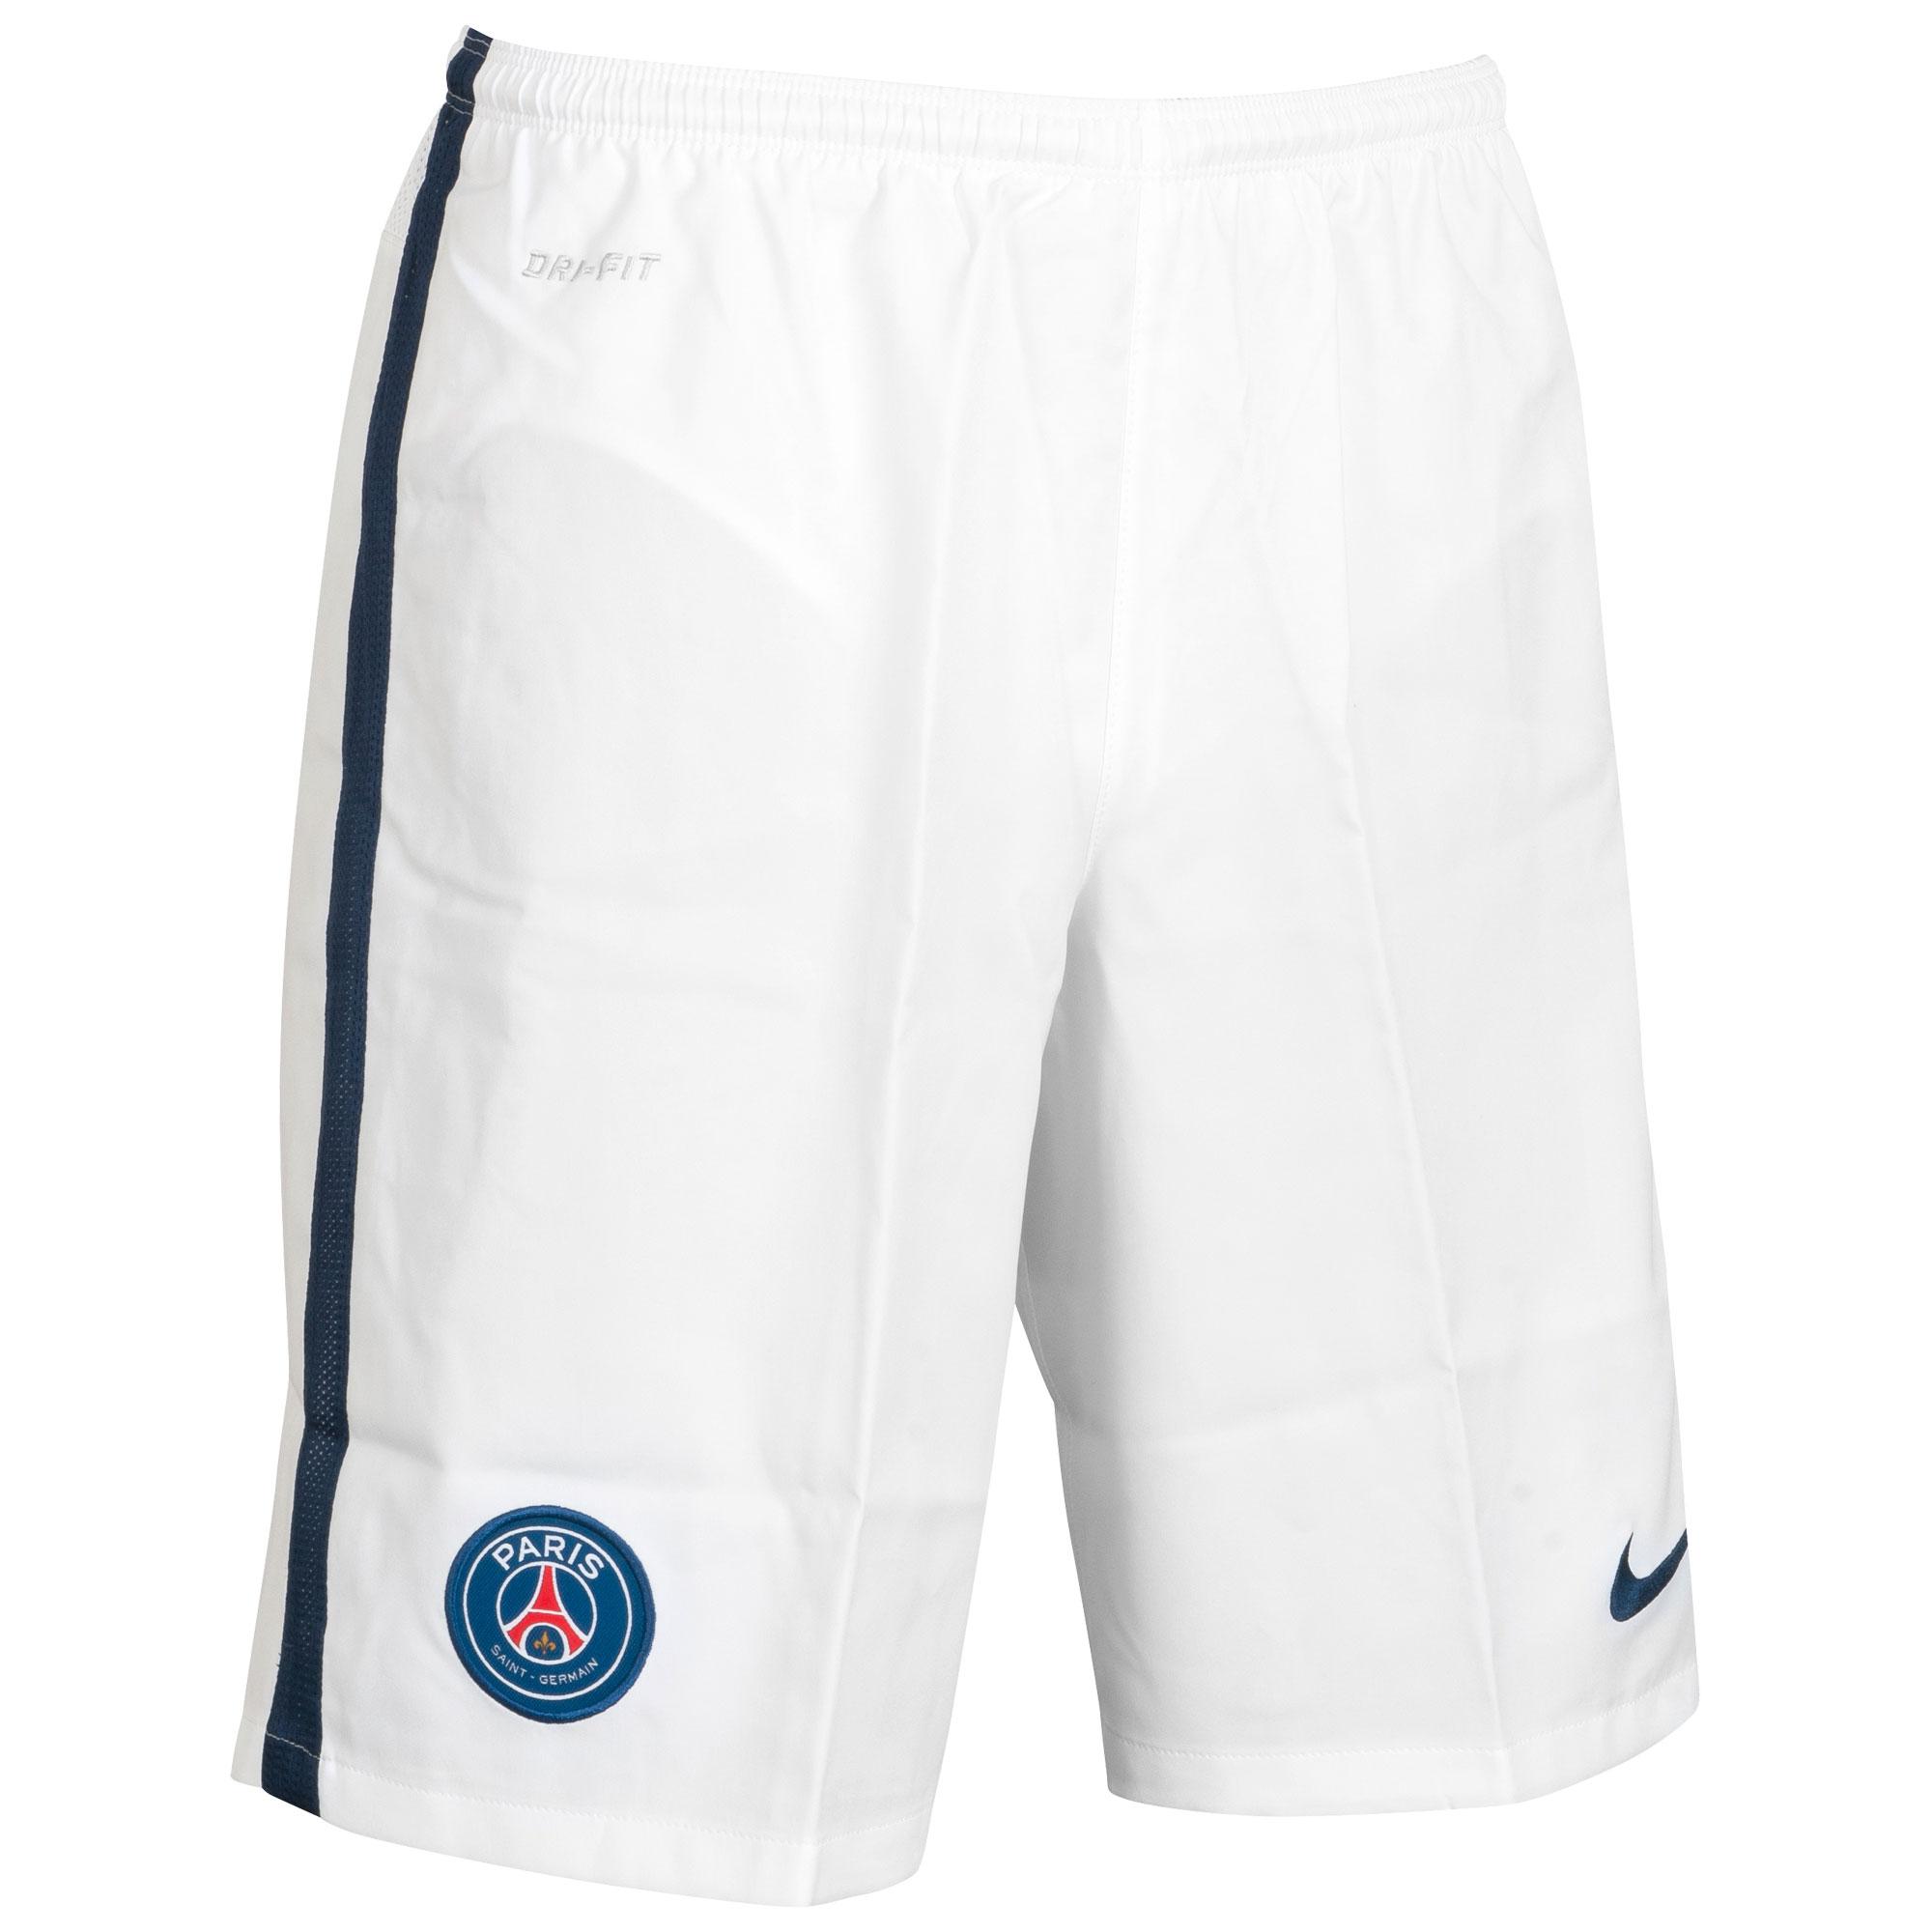 PSG Away KIDS Shorts 2015 / 2016 - 158-170